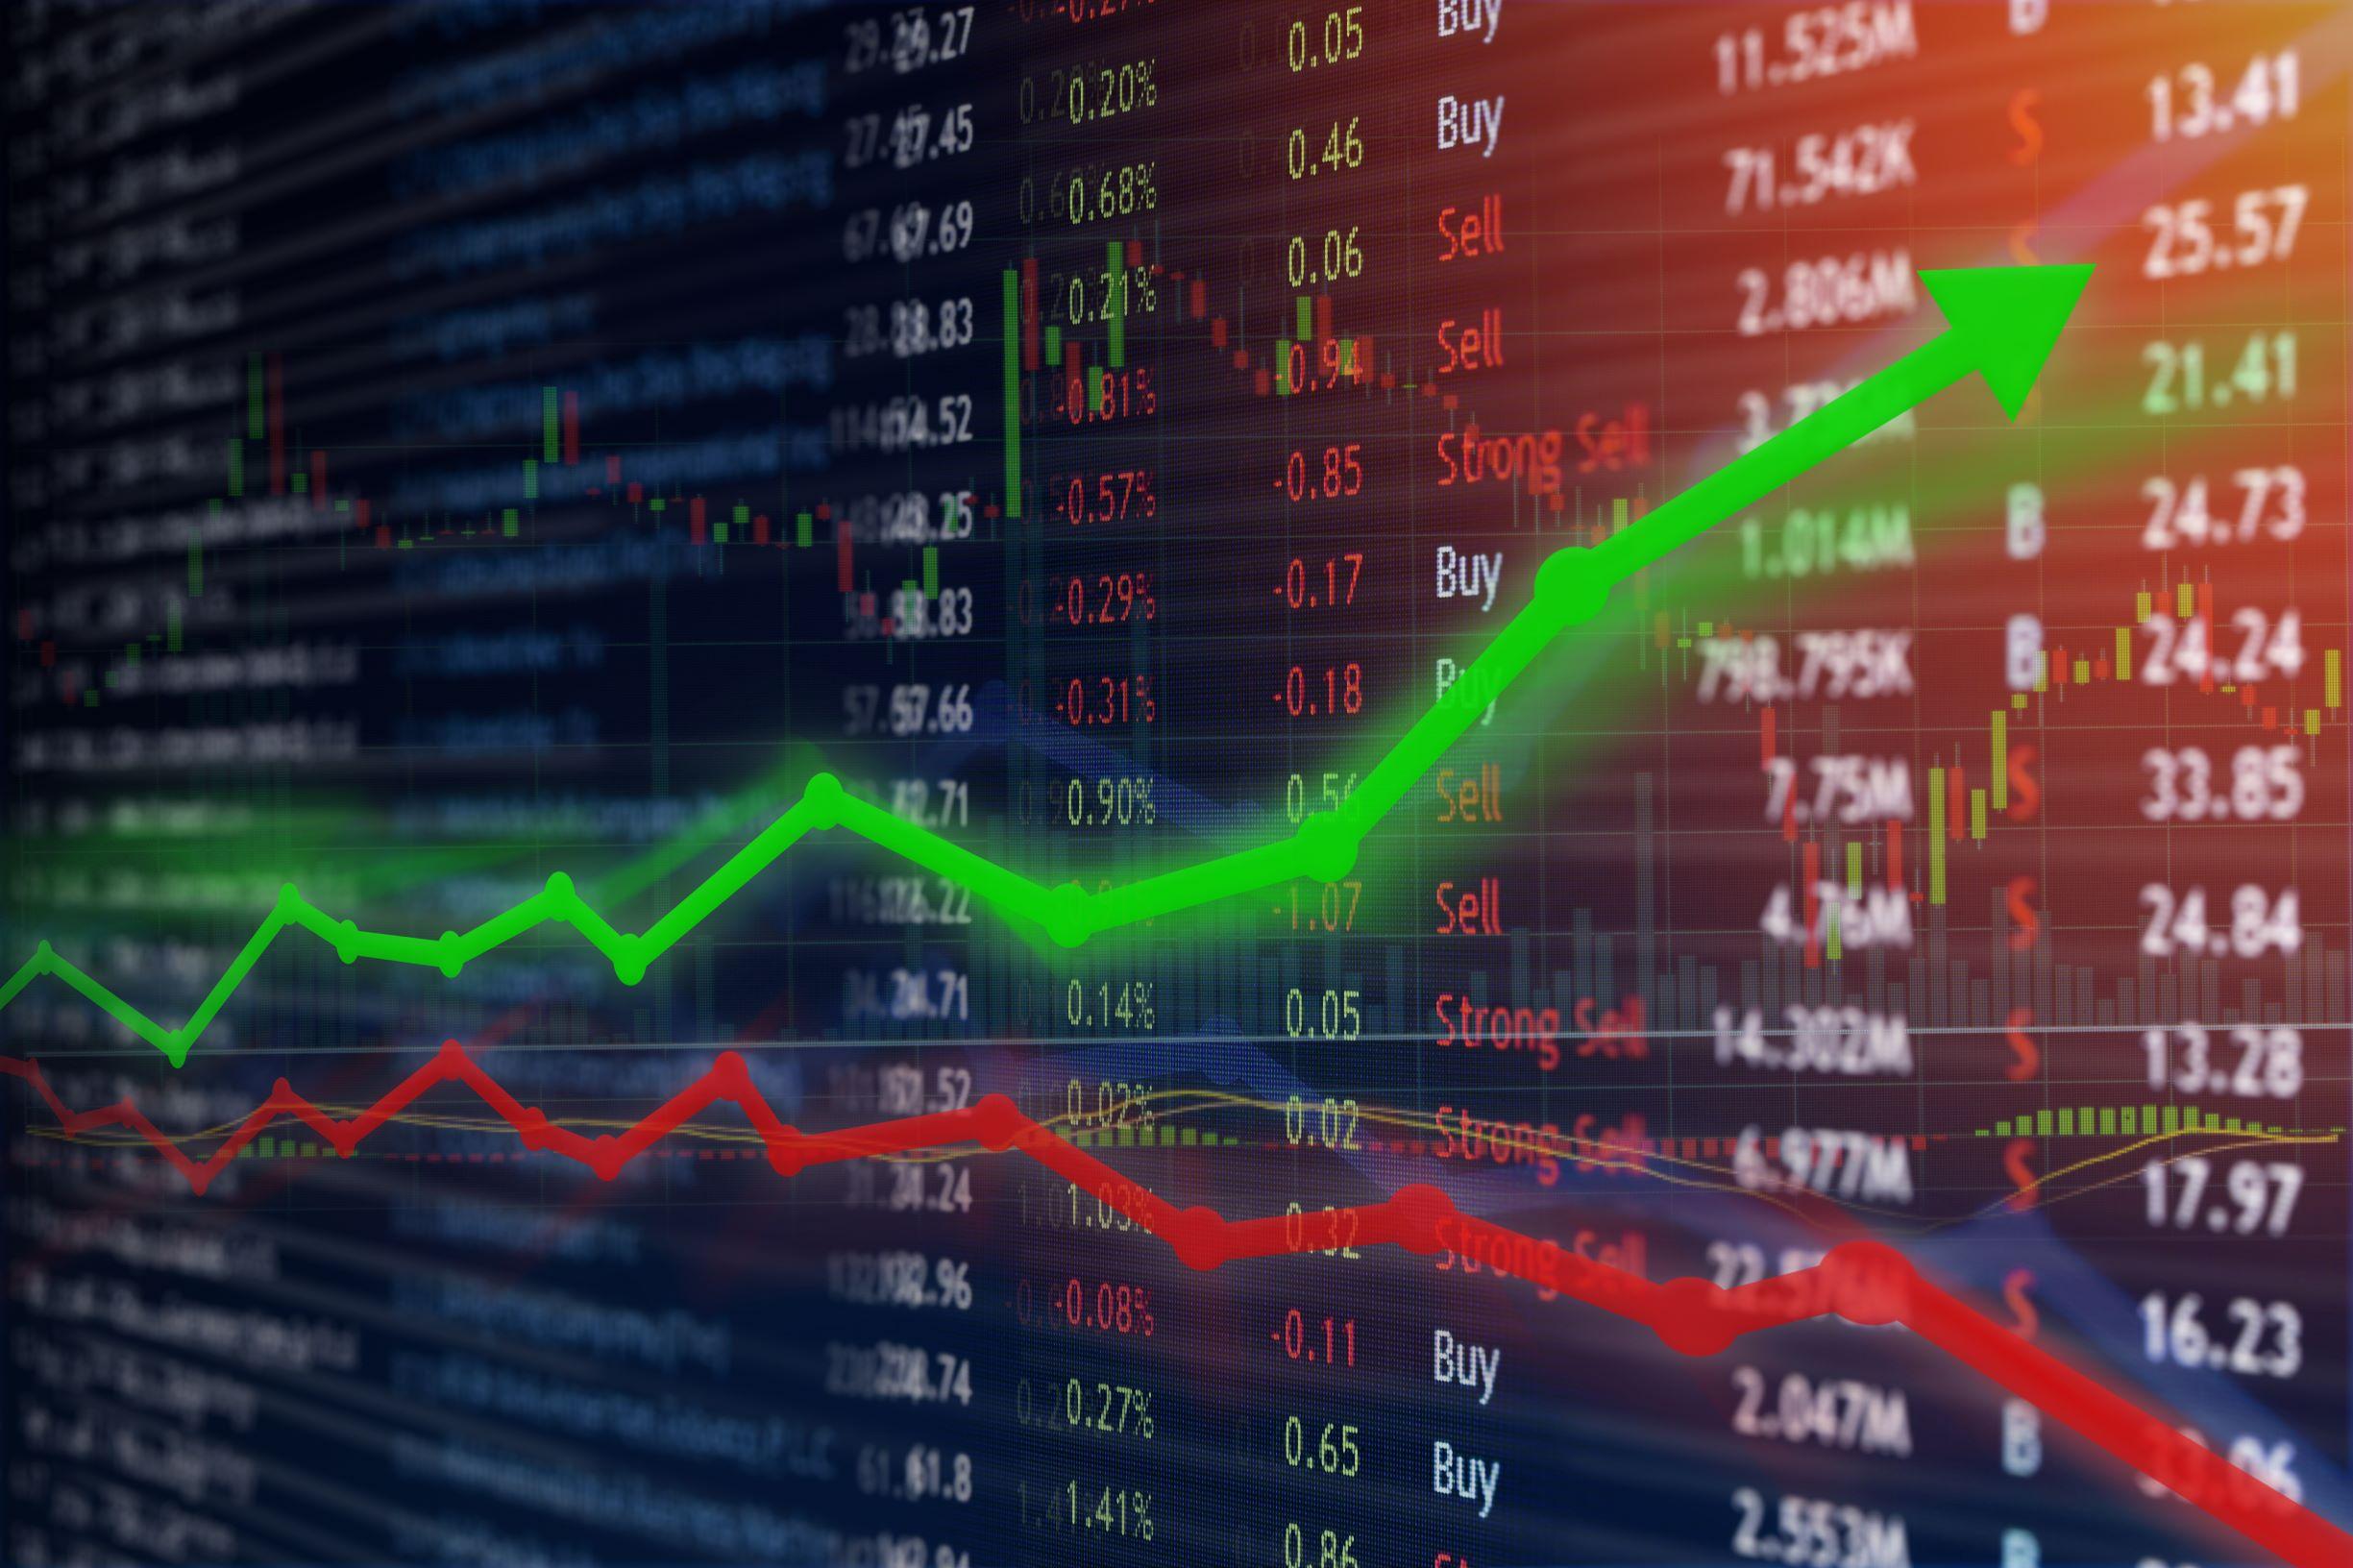 Fundos imobiliários ou ações, qual escolher?